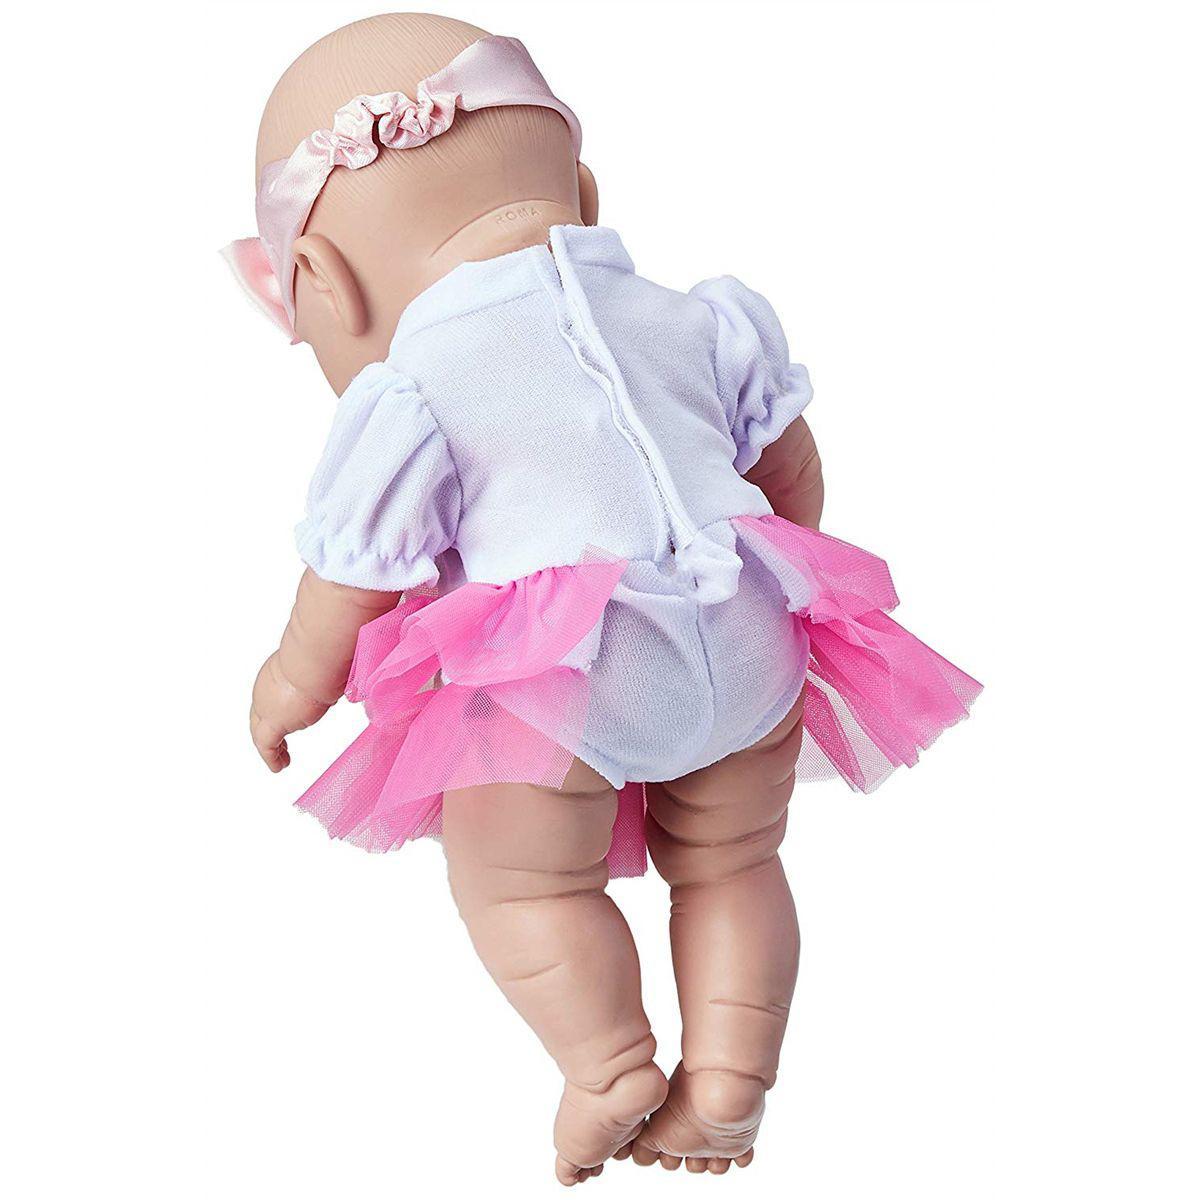 Boneca Bebezinho Real Newborn 34cm Menina com Acessórios